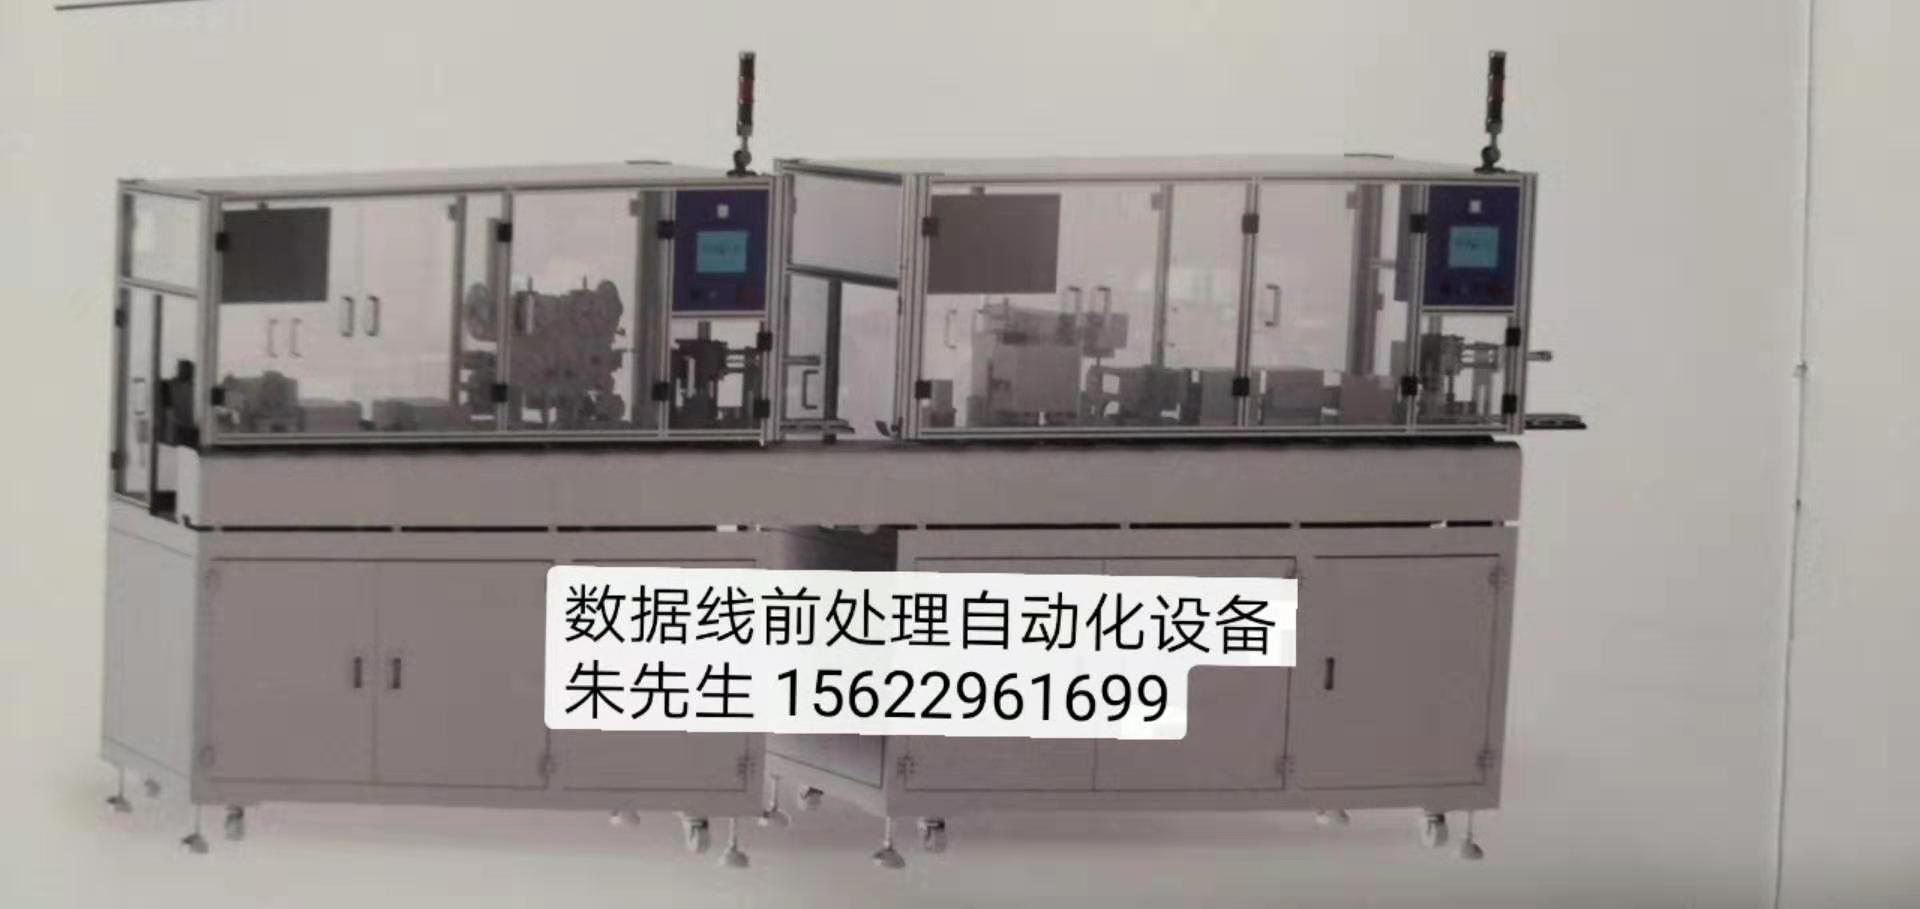 数据线前处理自动化设备 TYPR-C USB A公数据线自动机